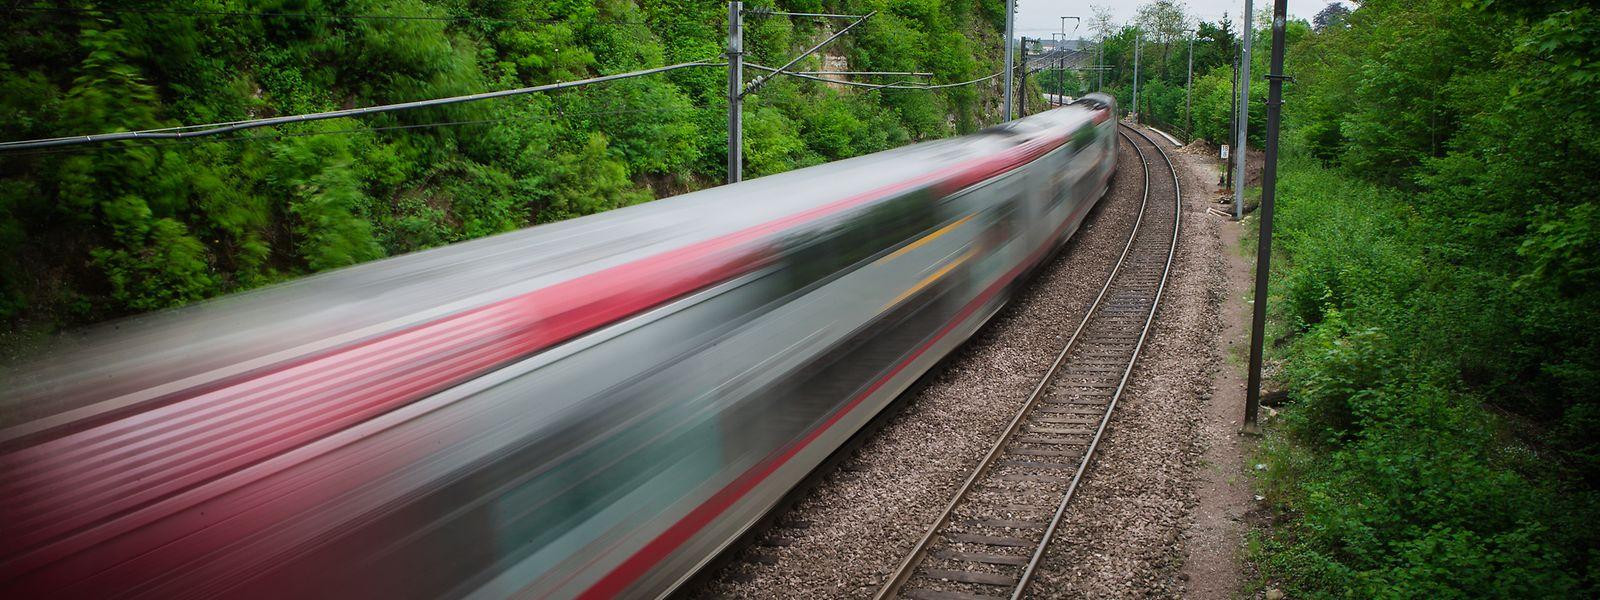 Der Vorfall soll sich auf der Strecke zwischen Rodange und Luxemburg-Stadt abgespielt haben.